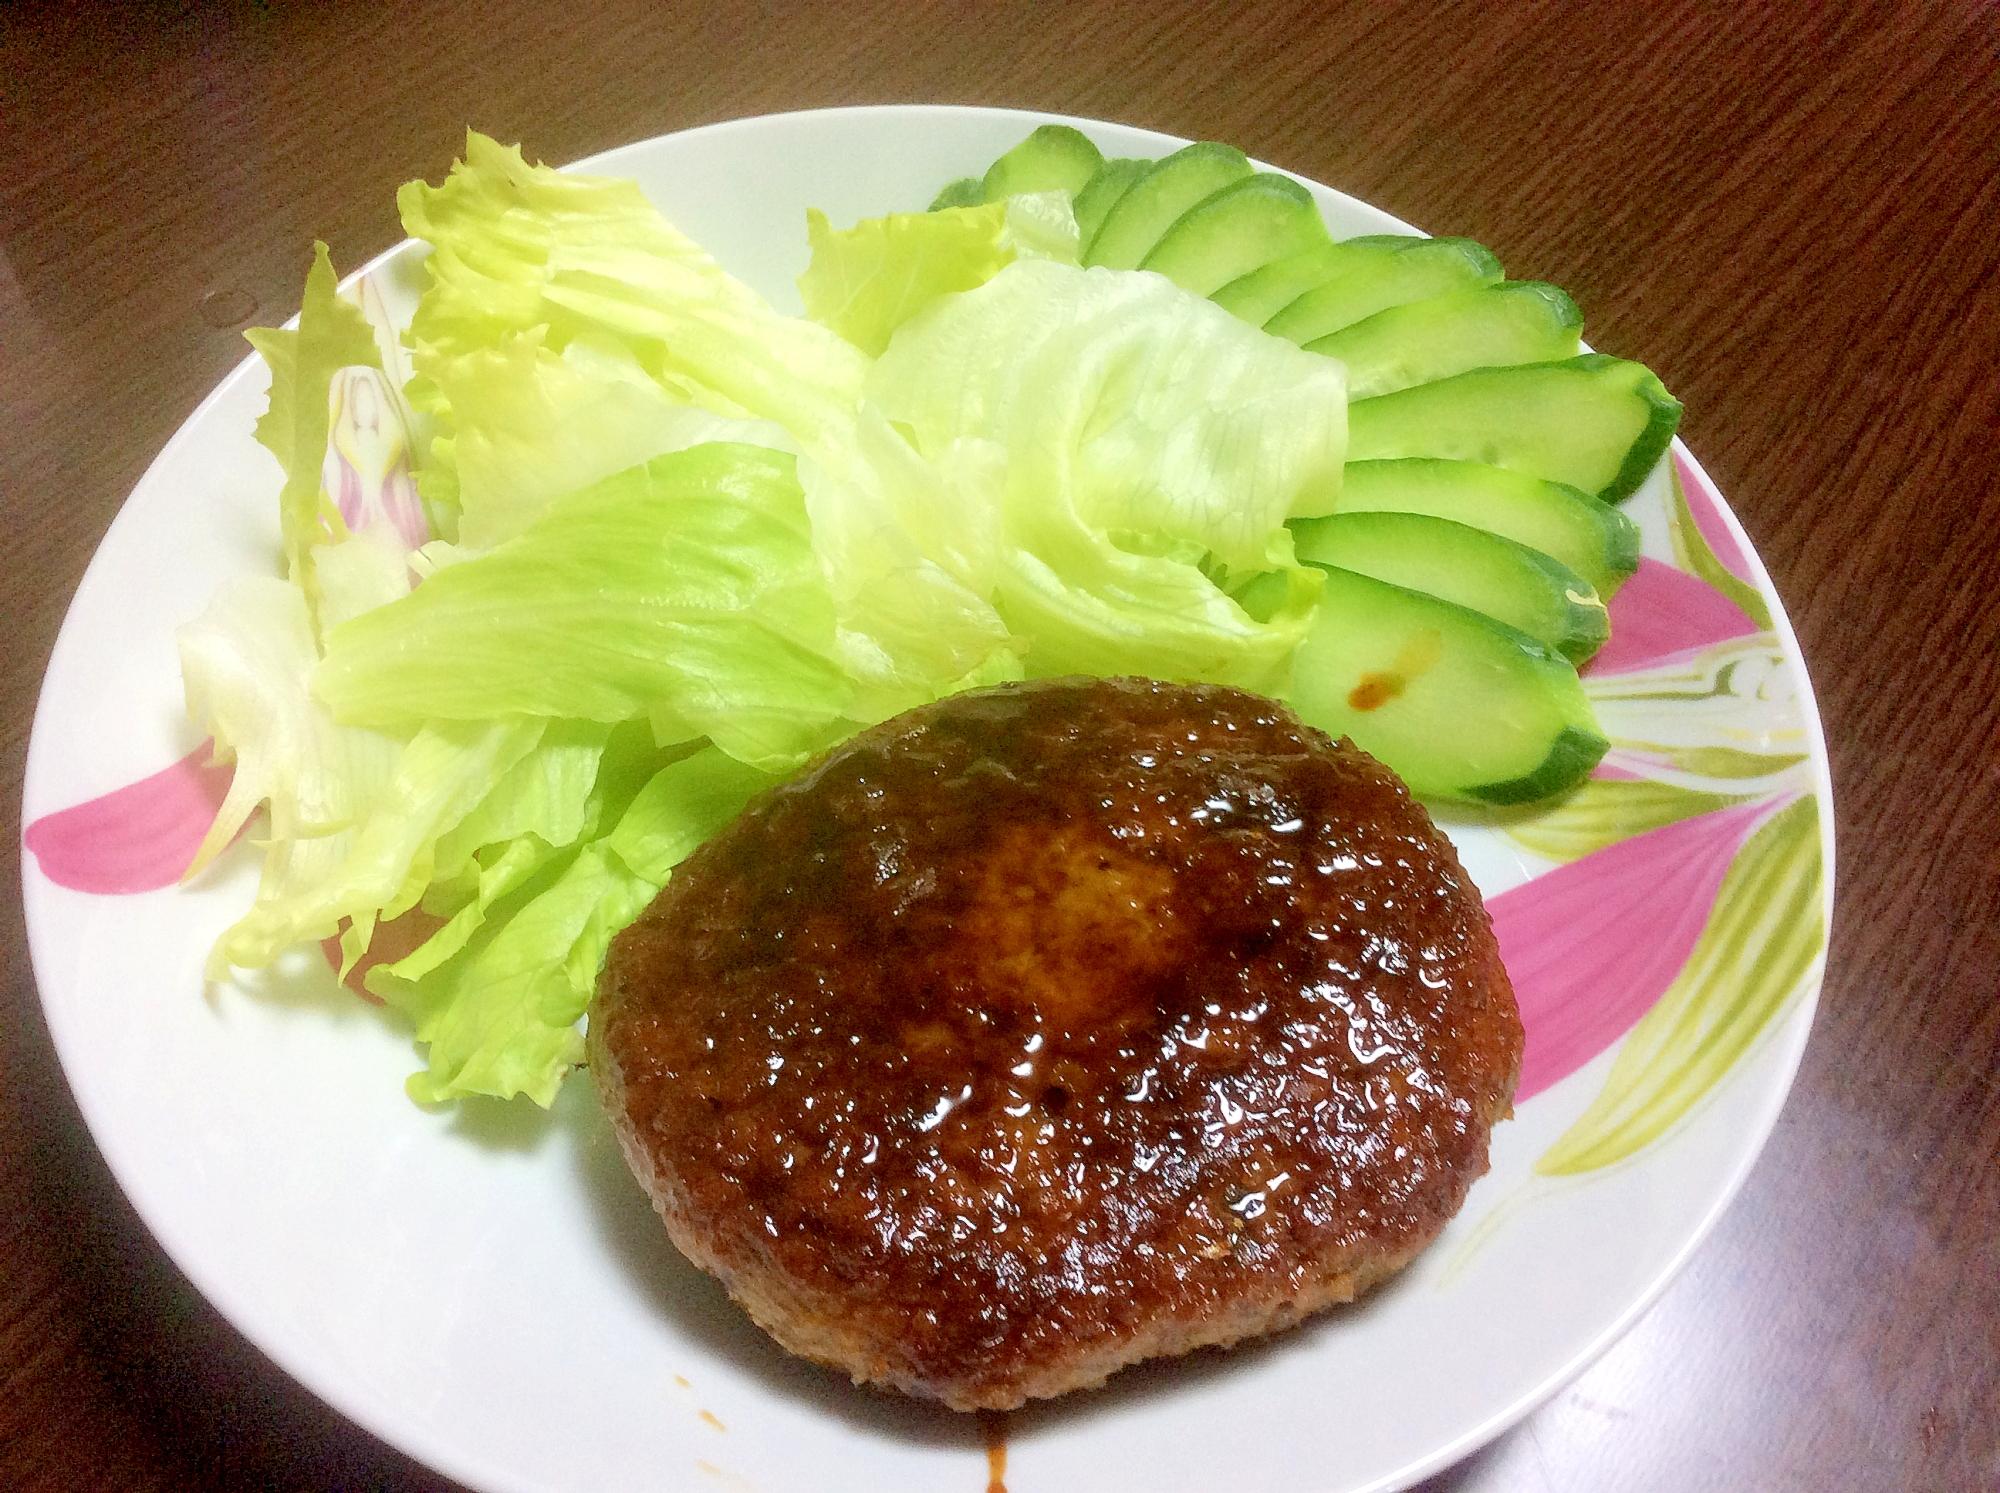 いわしハンバーグの照り焼きと野菜のつけ合わせ